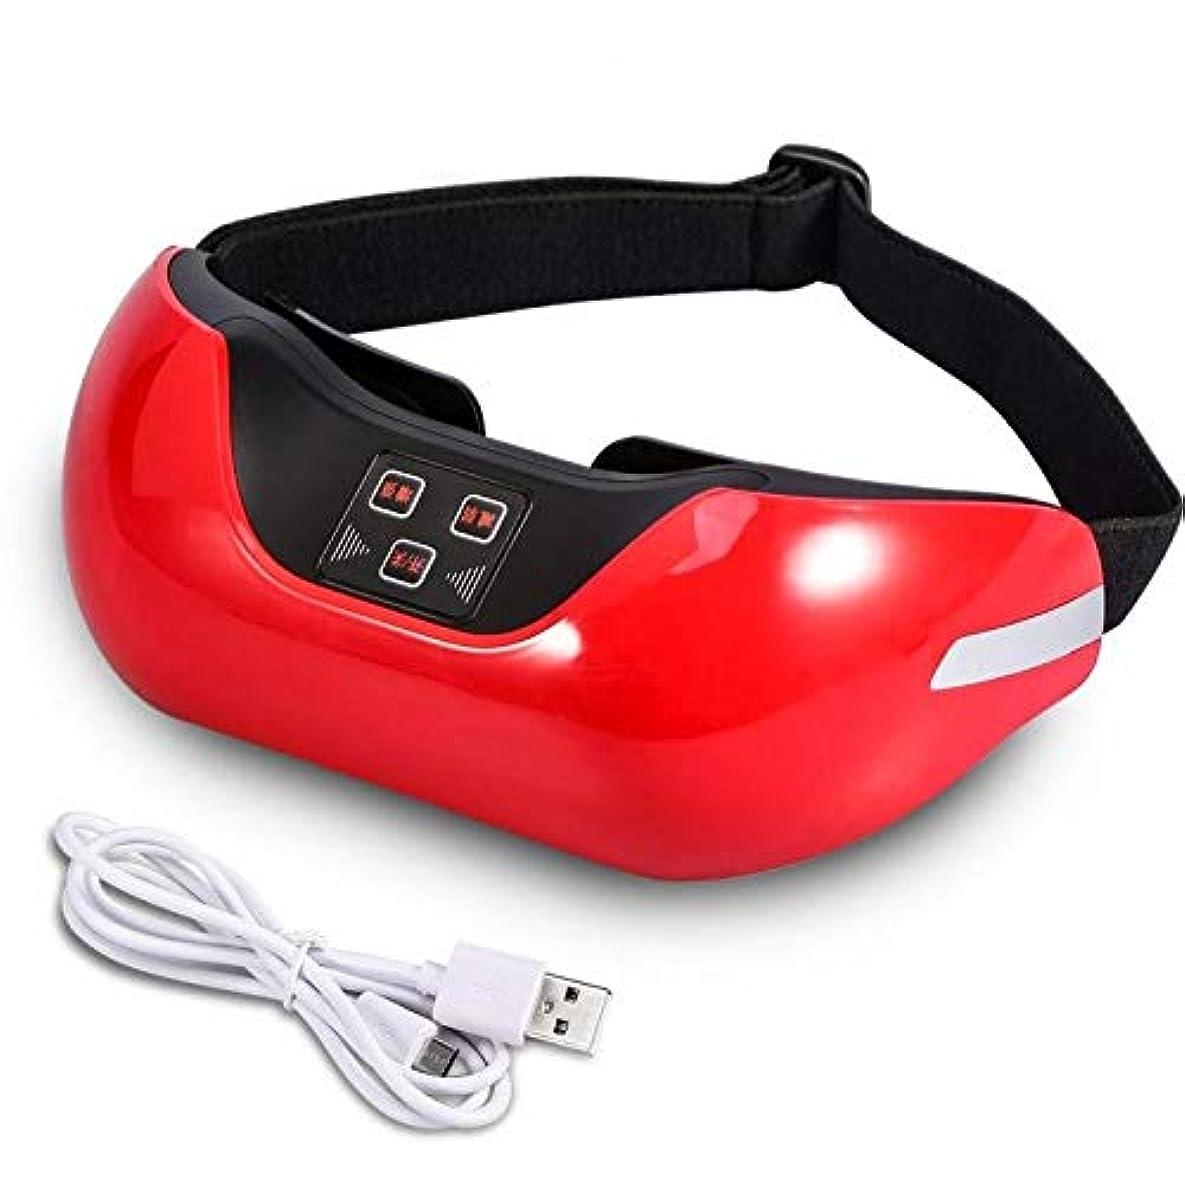 スキャンダラスジャニス予言するRuzzy 緑色光アイマッサージャー付き3D充電式マッサージャー 購入へようこそ (Color : Red)